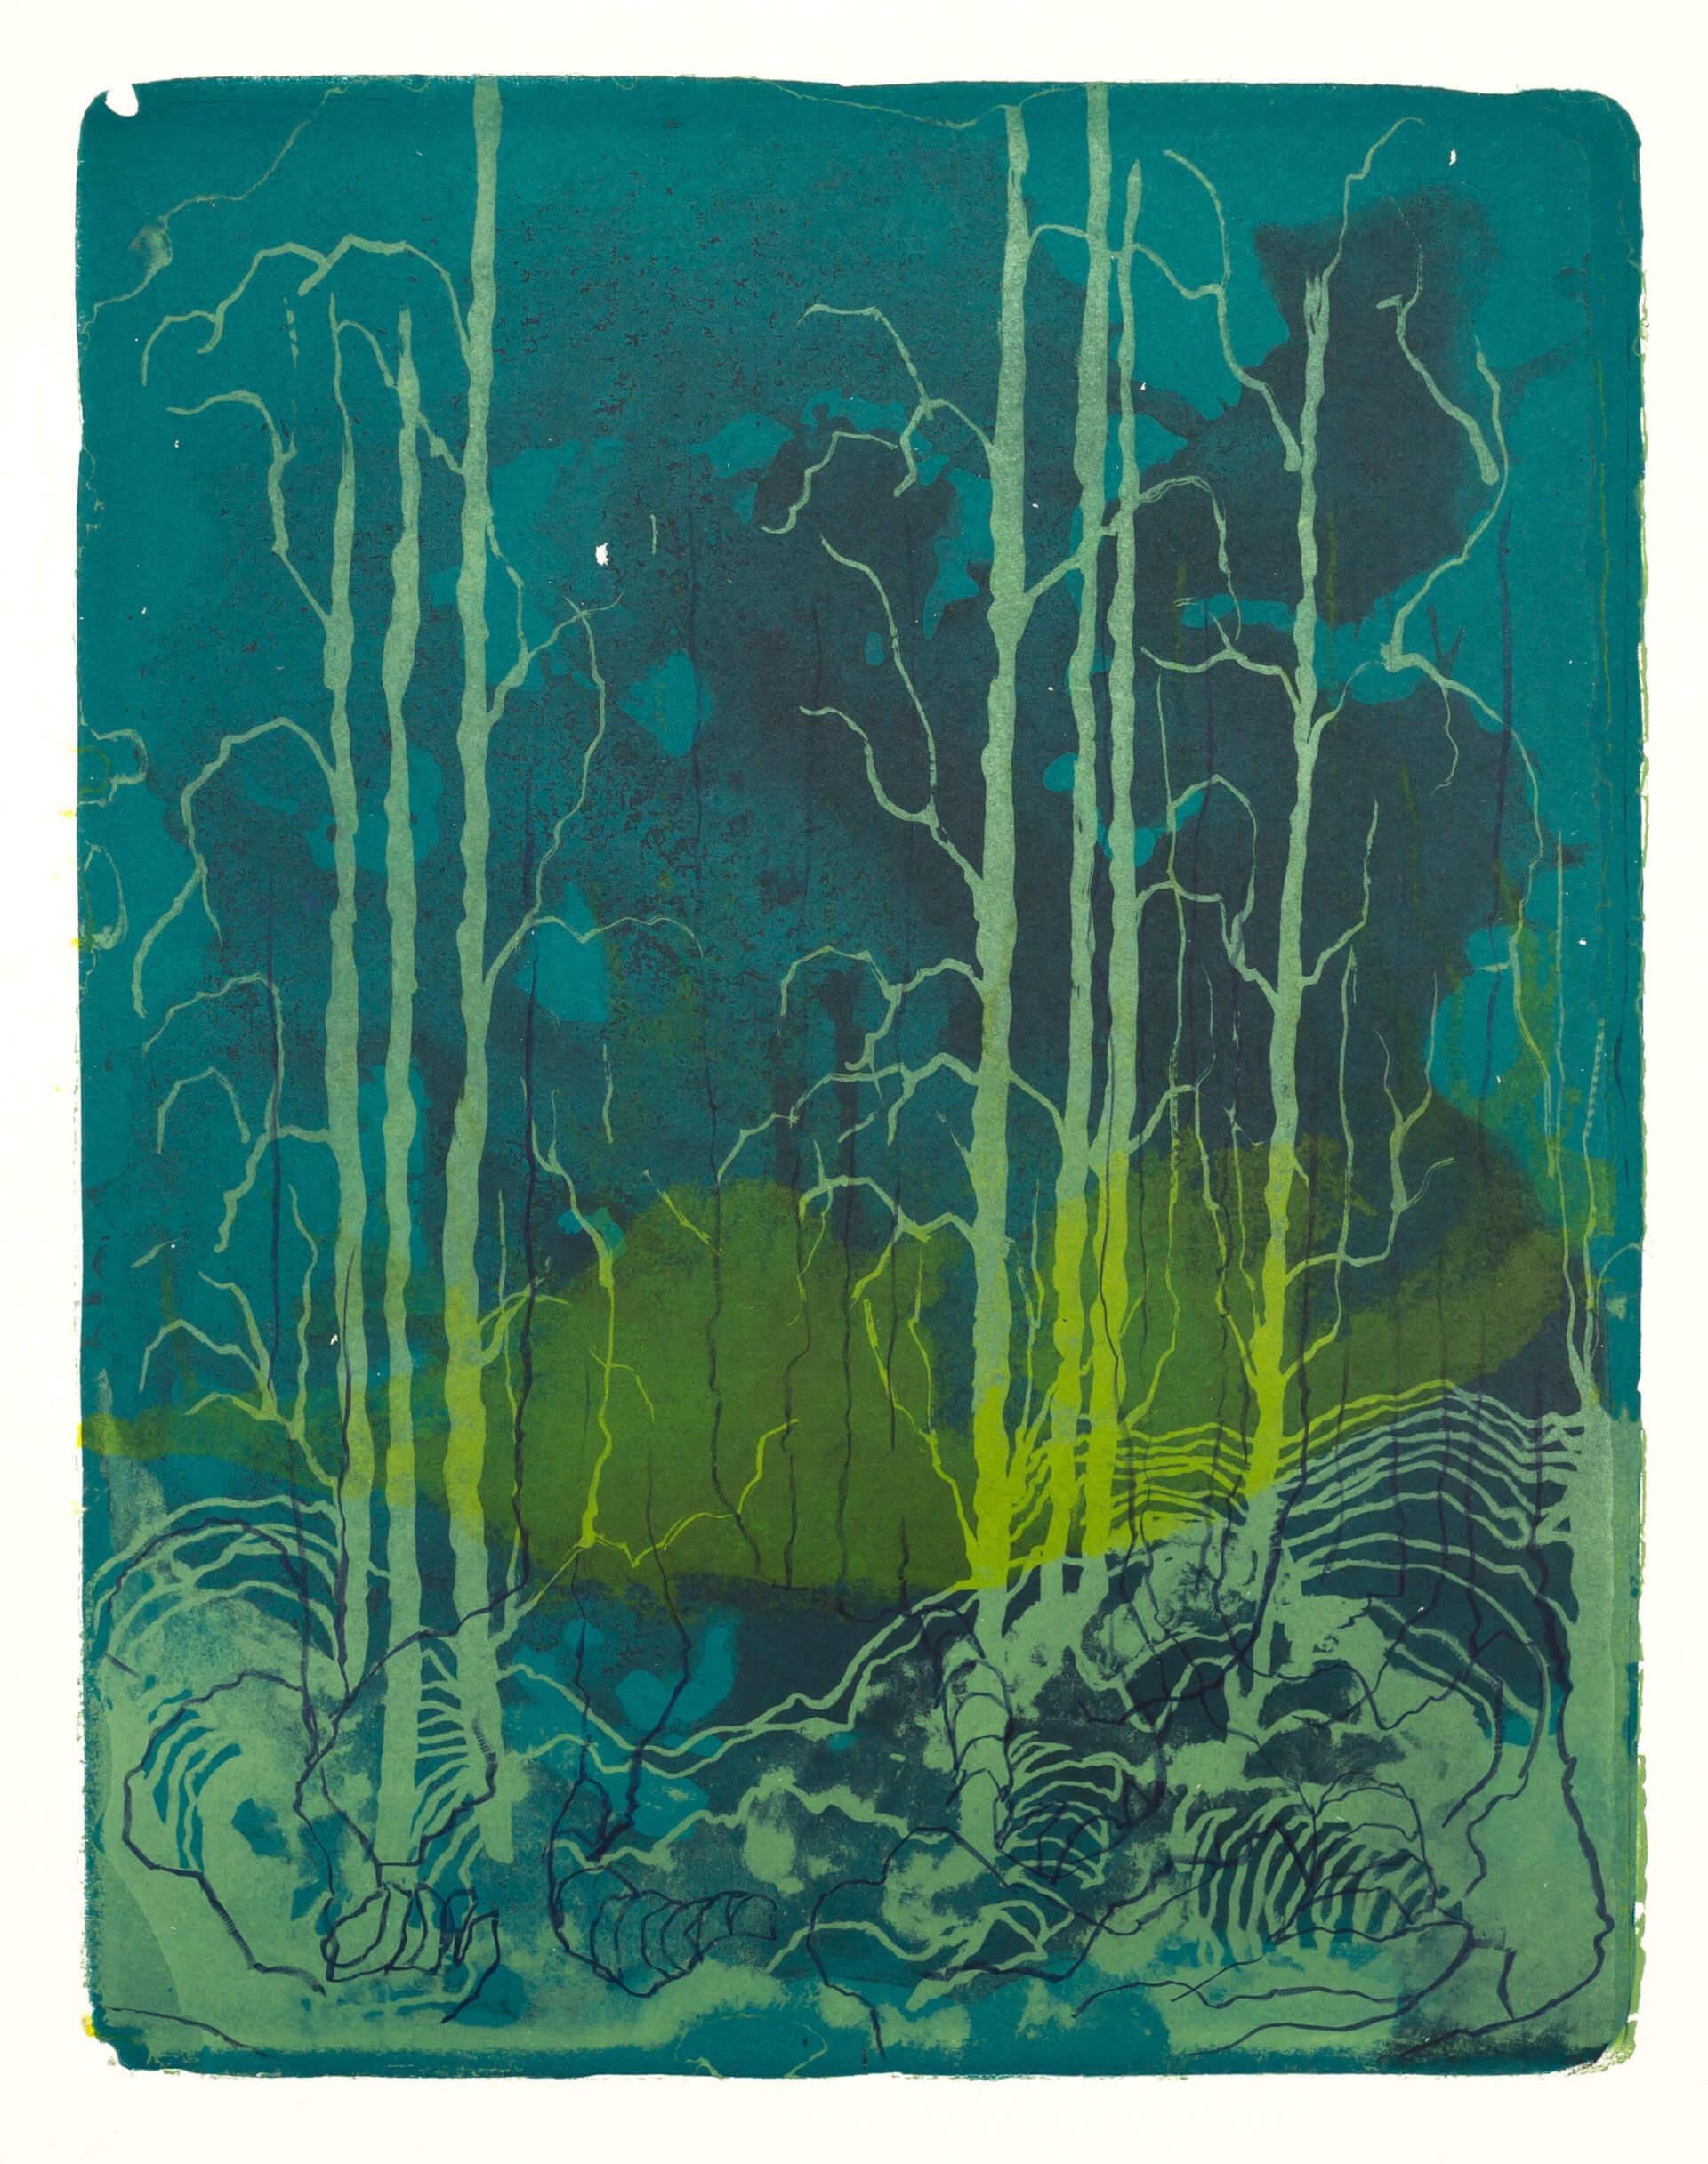 Wald X(K)-IX, 2018, Farblithographie, Unikat, 50x40 cm.